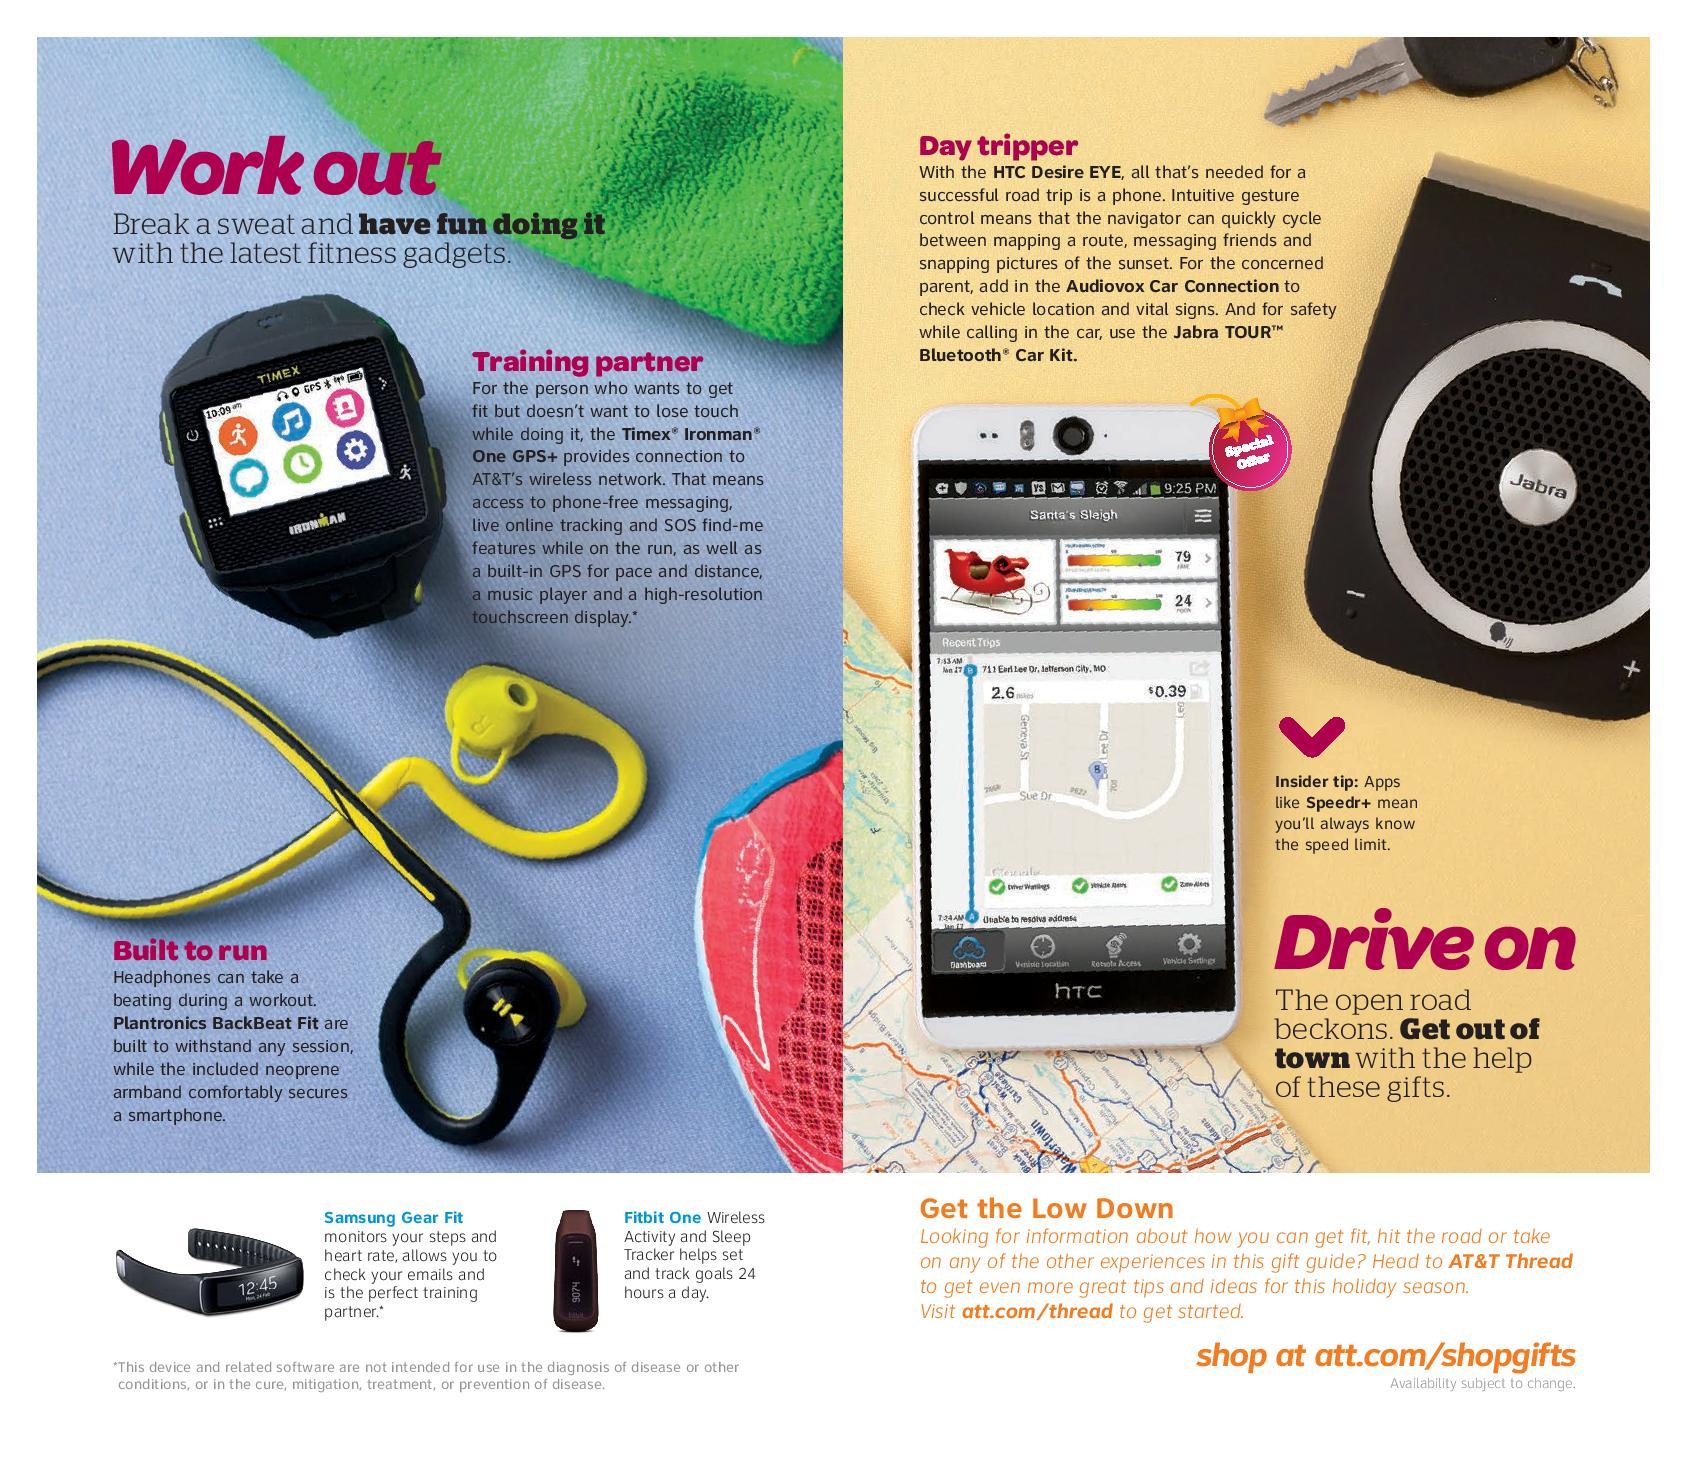 ATT_Gift_Guide_2014_Circular_reduced_12.4.14-page-007.jpg